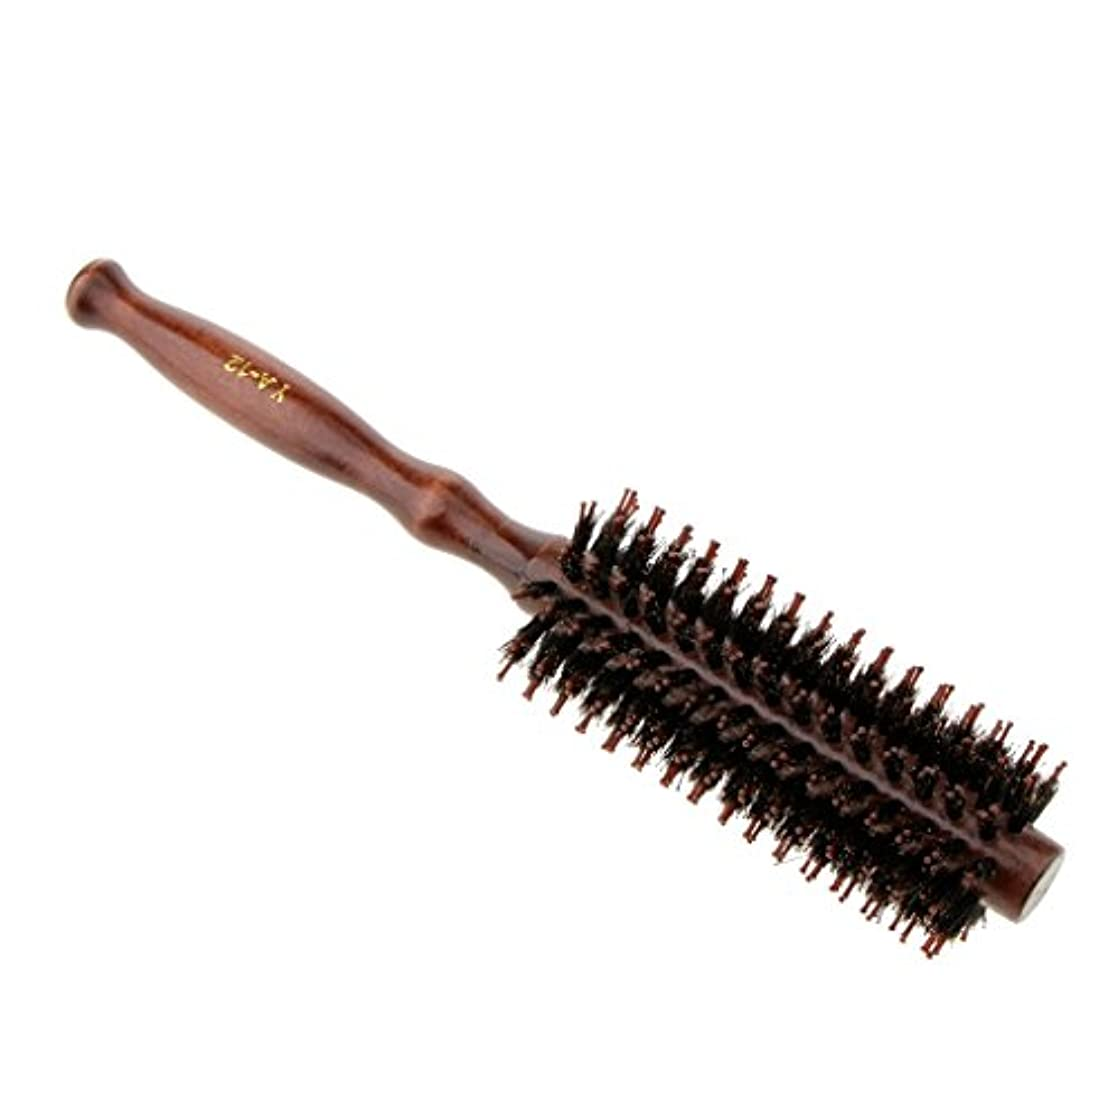 バレル隠された省Kesoto ロールブラシ ヘアブラシ 木製ハンドル 滑らか カール 巻き髪 頭皮マッサージ くし 櫛 2タイプ選べる - #2